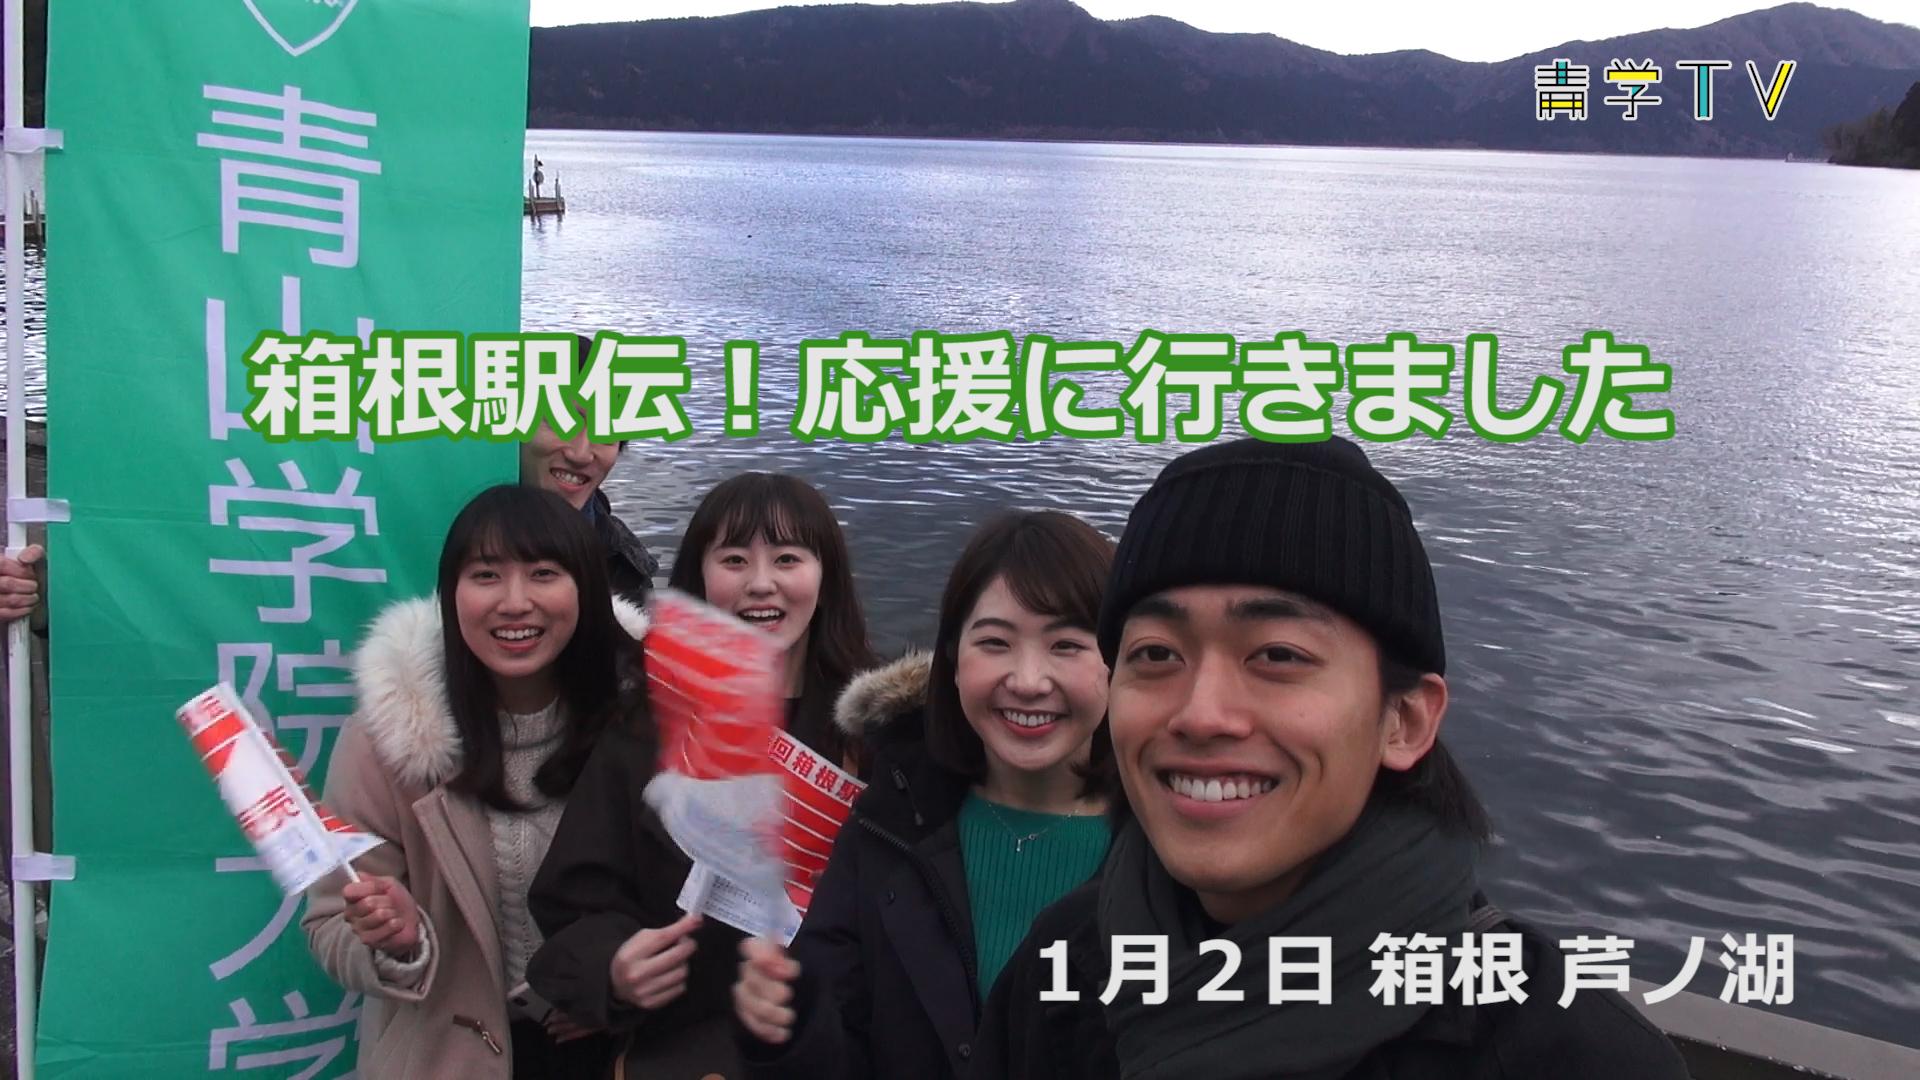 箱根駅伝応援に行きました!